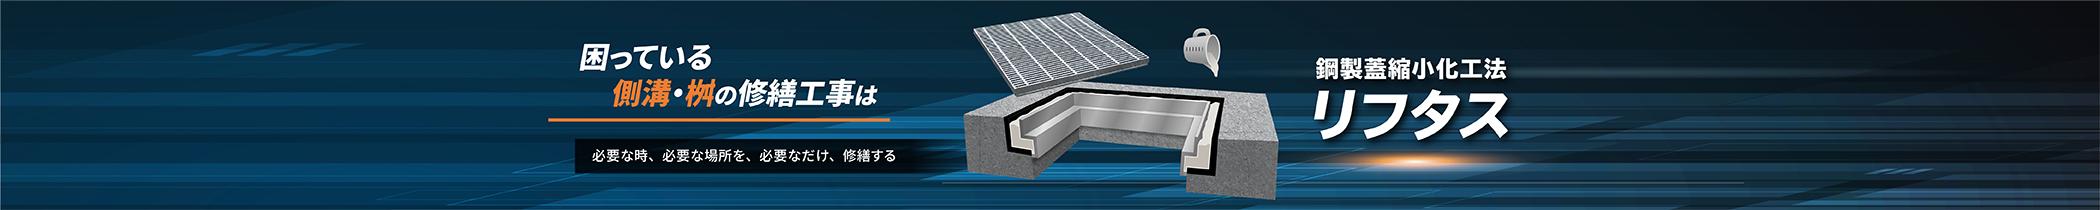 鋼製蓋縮小化工法リフタス